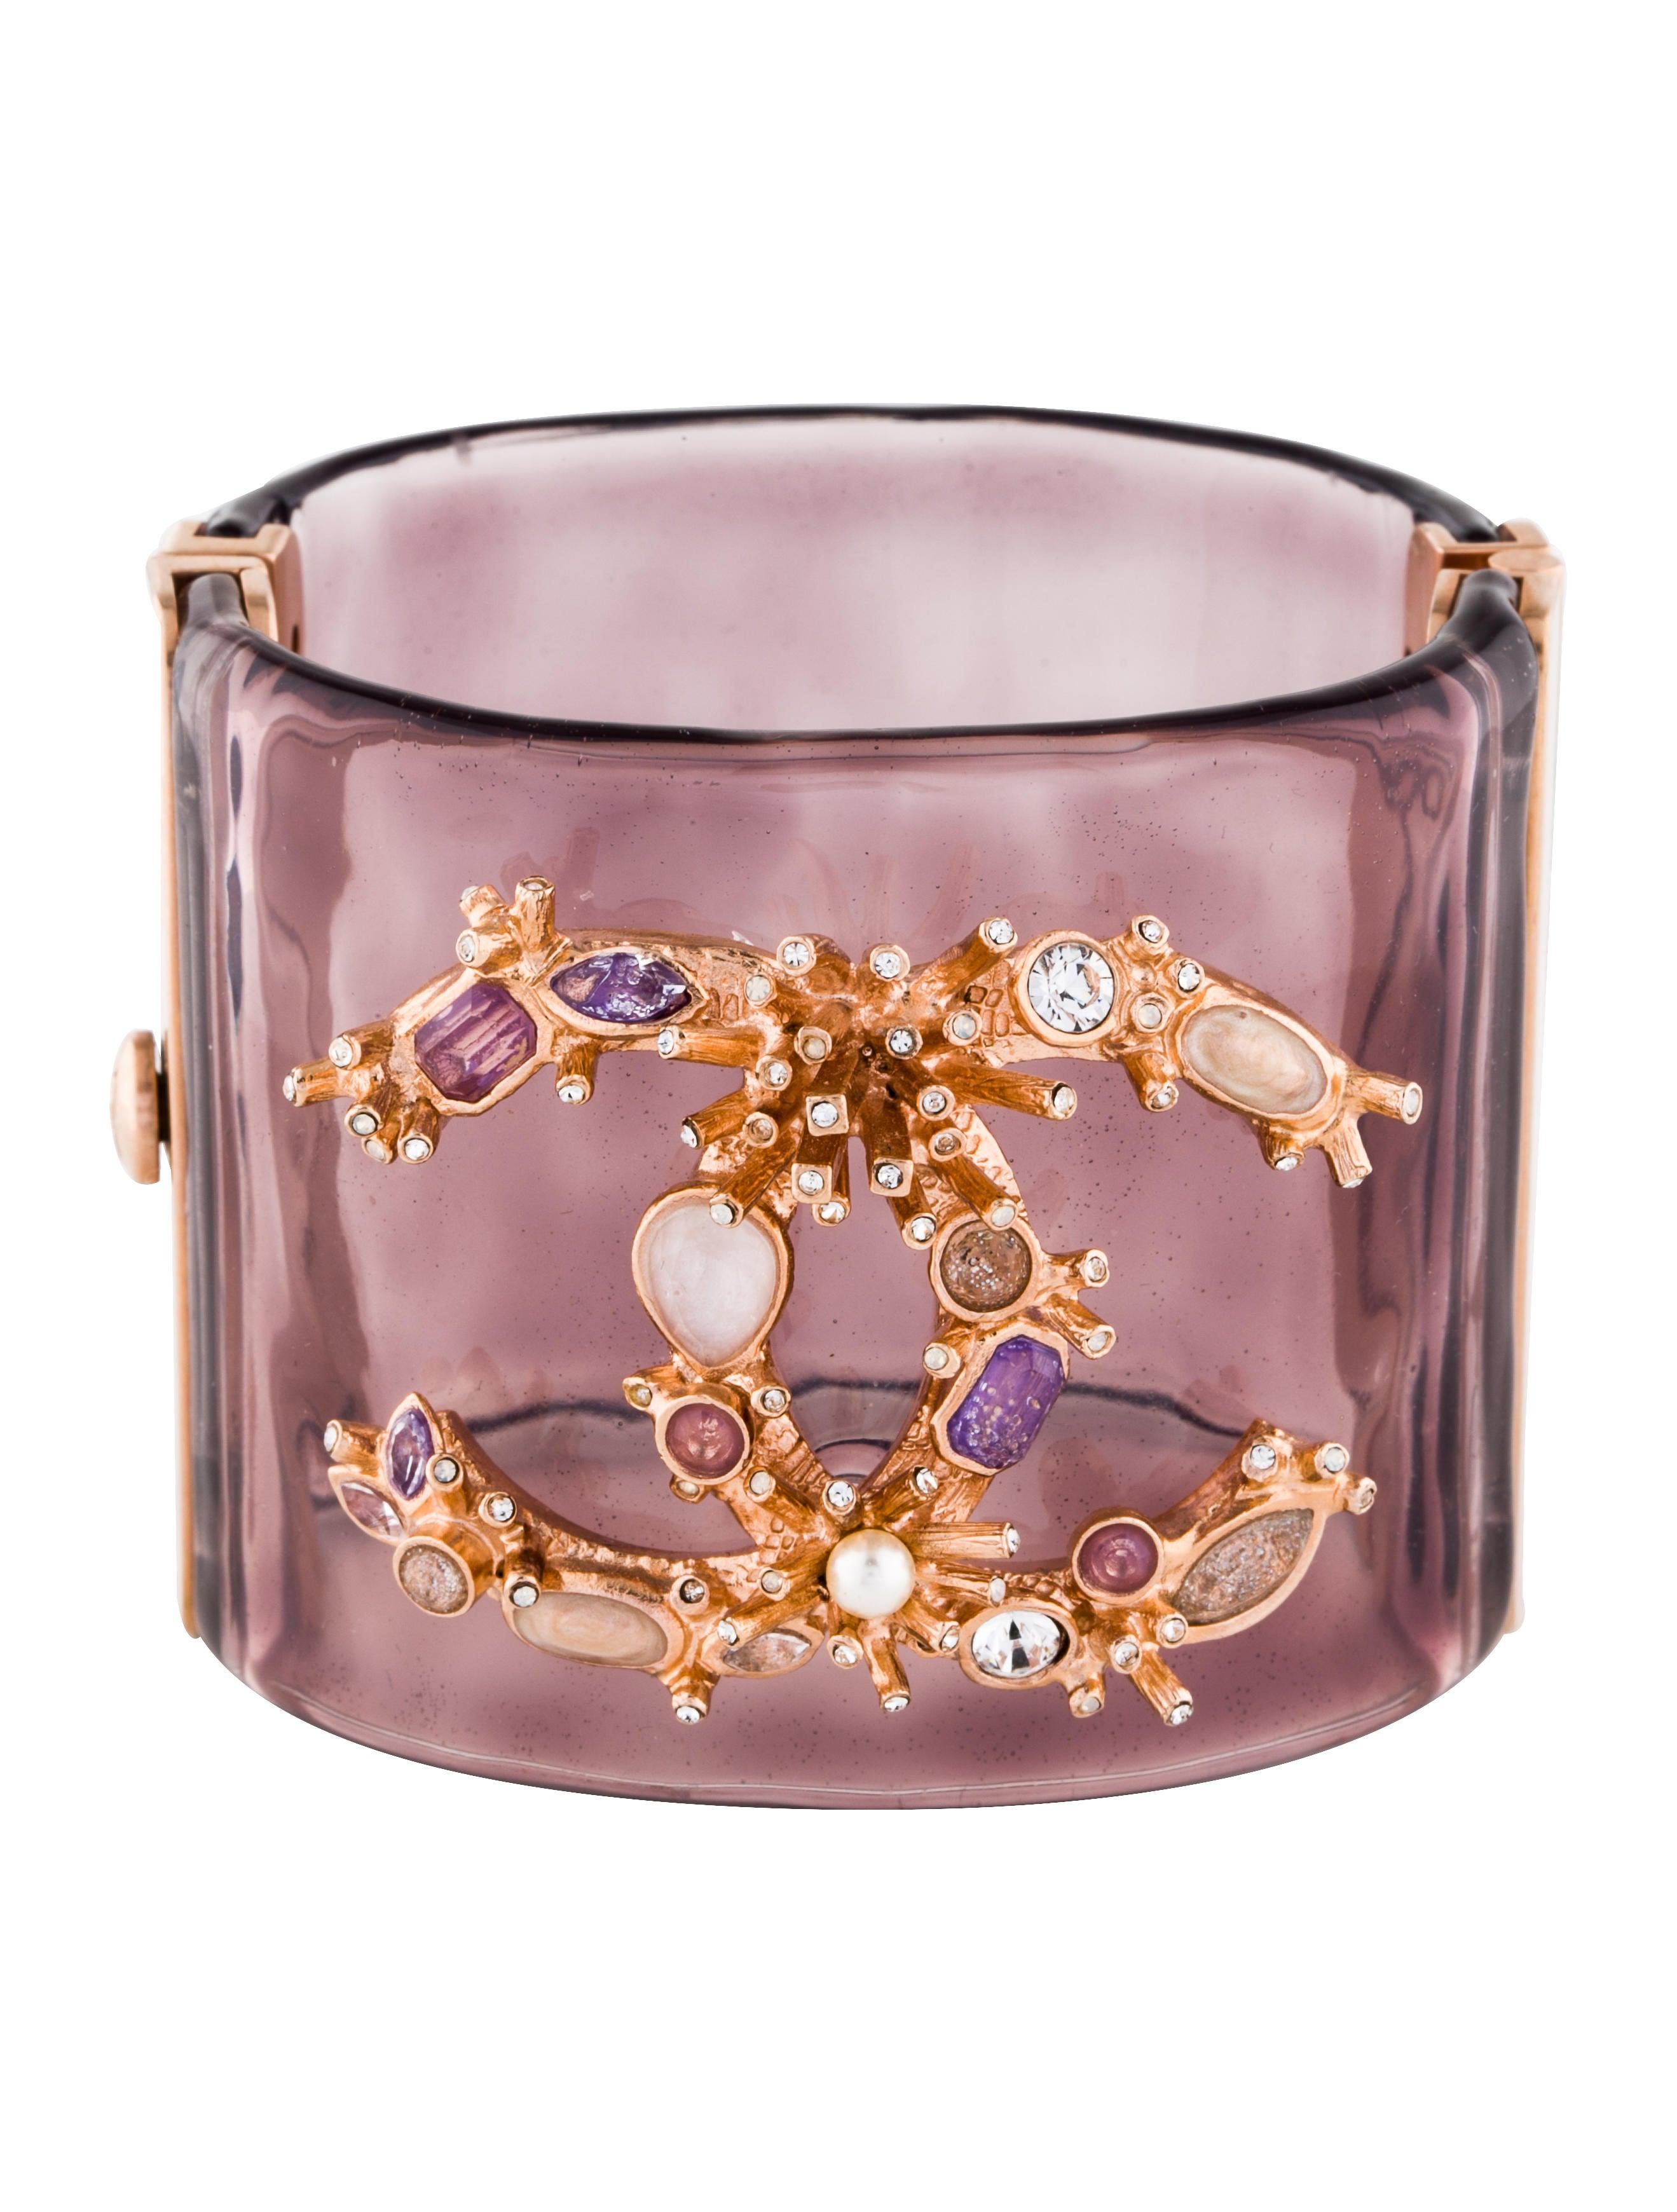 927bf76e1b9 Chanel Crystal CC Resin Cuff - Bracelets - CHA247921